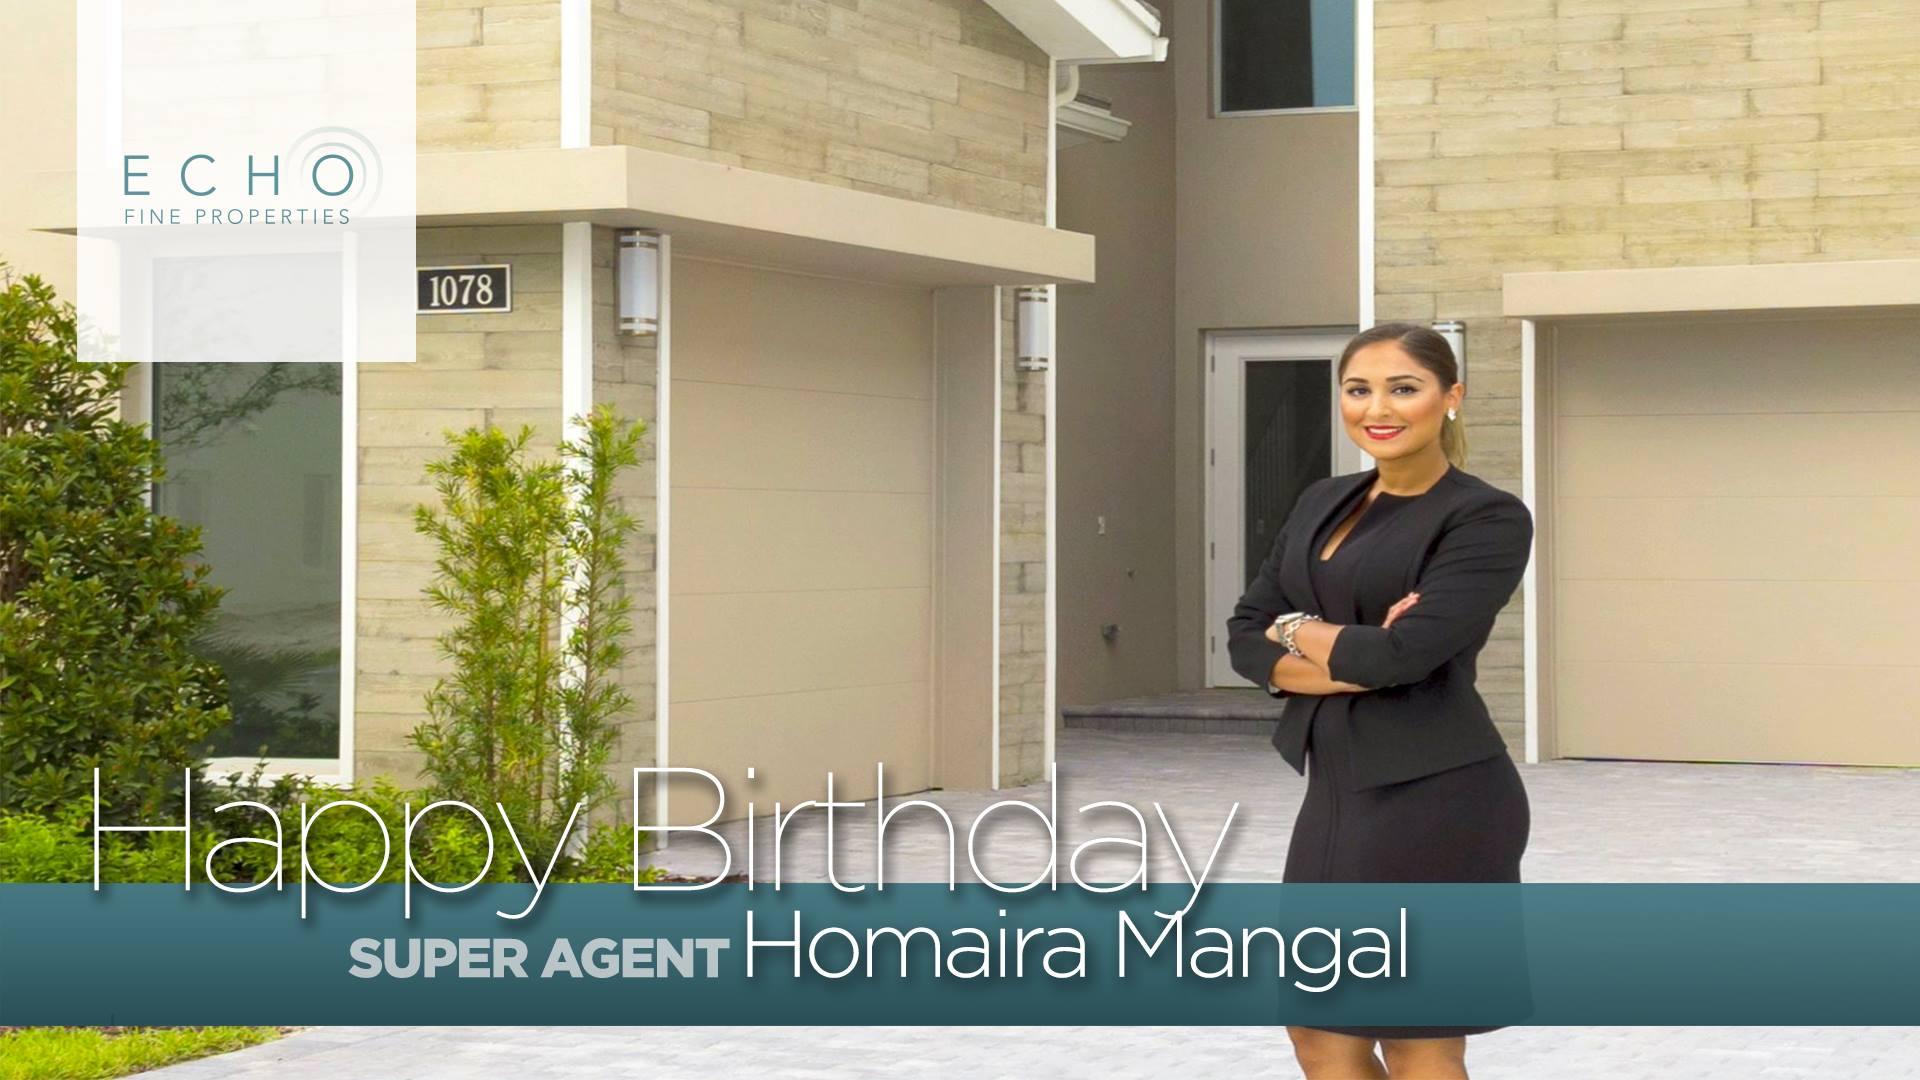 Happy-Birthday-Homaira